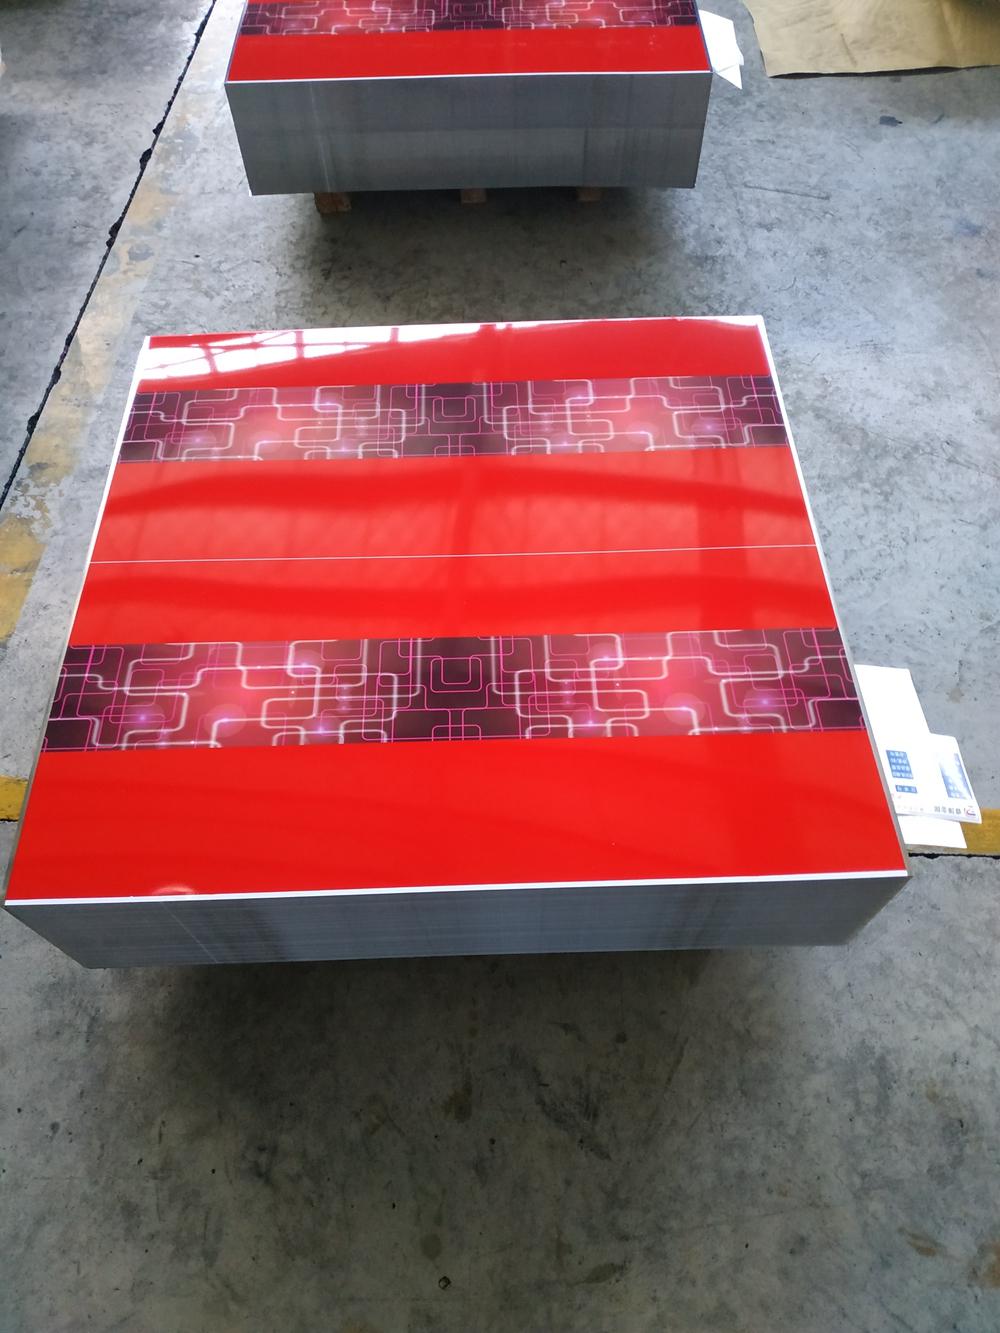 马口铁盒的几类印刷实际效果是怎样的呢?